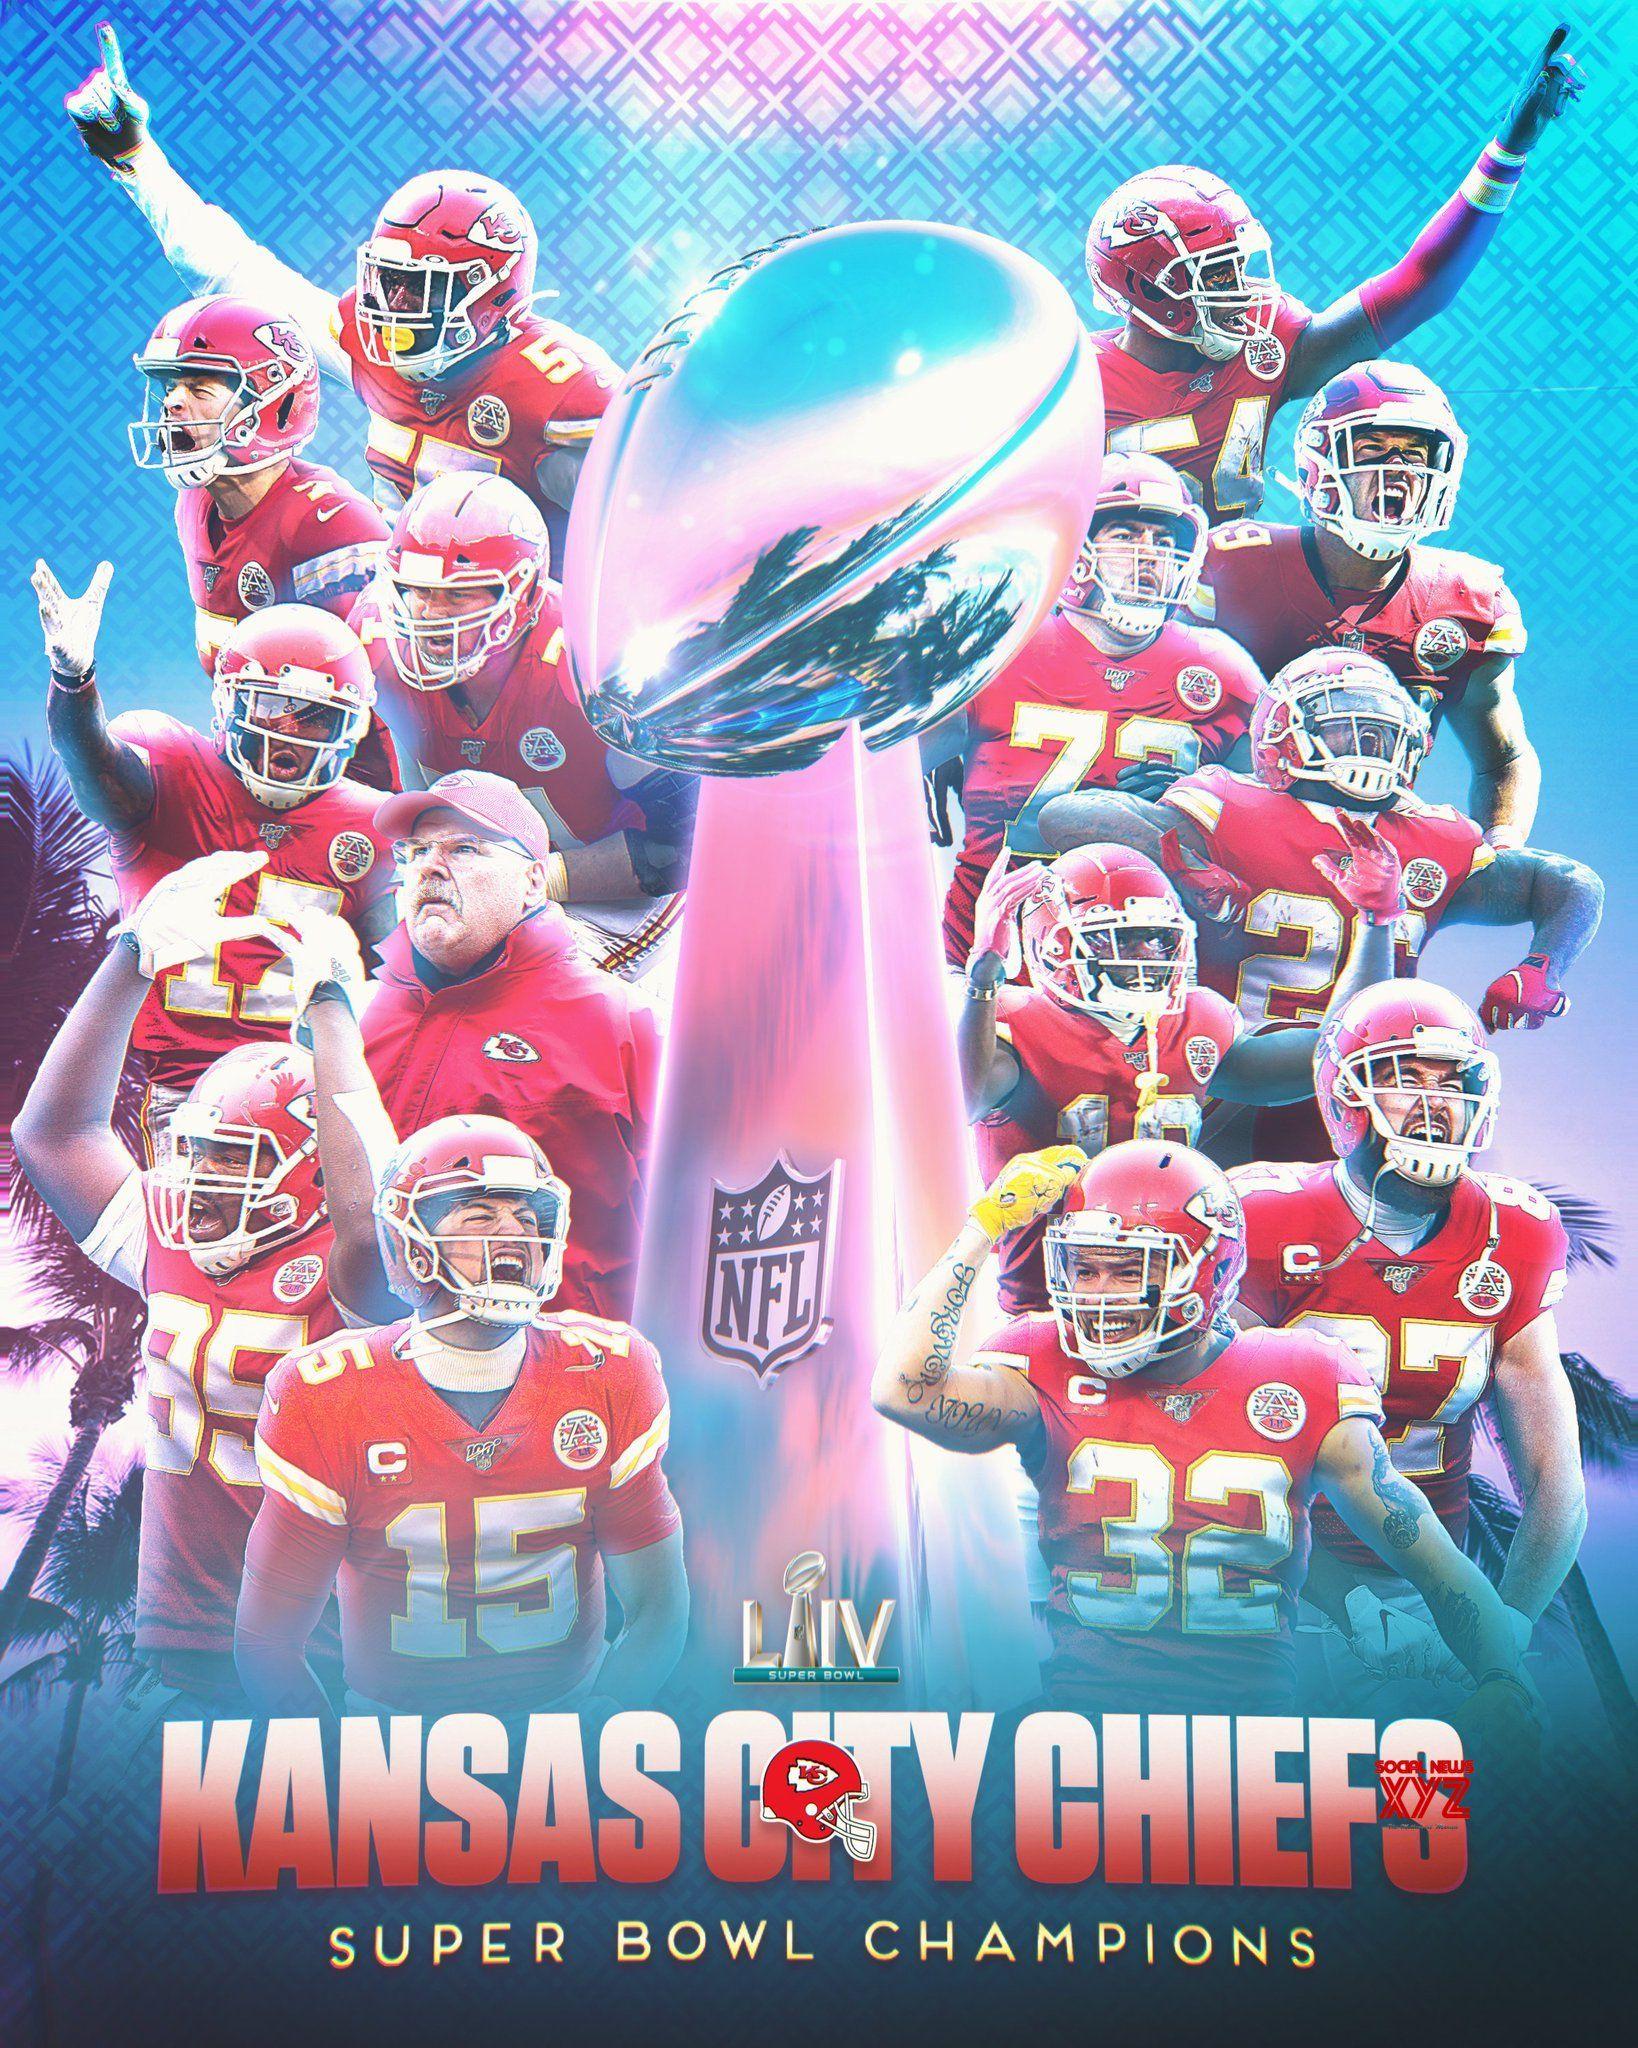 Socialnews Xyz On In 2020 Kansas City Chiefs Logo Chiefs Super Bowl Kansas City Chiefs